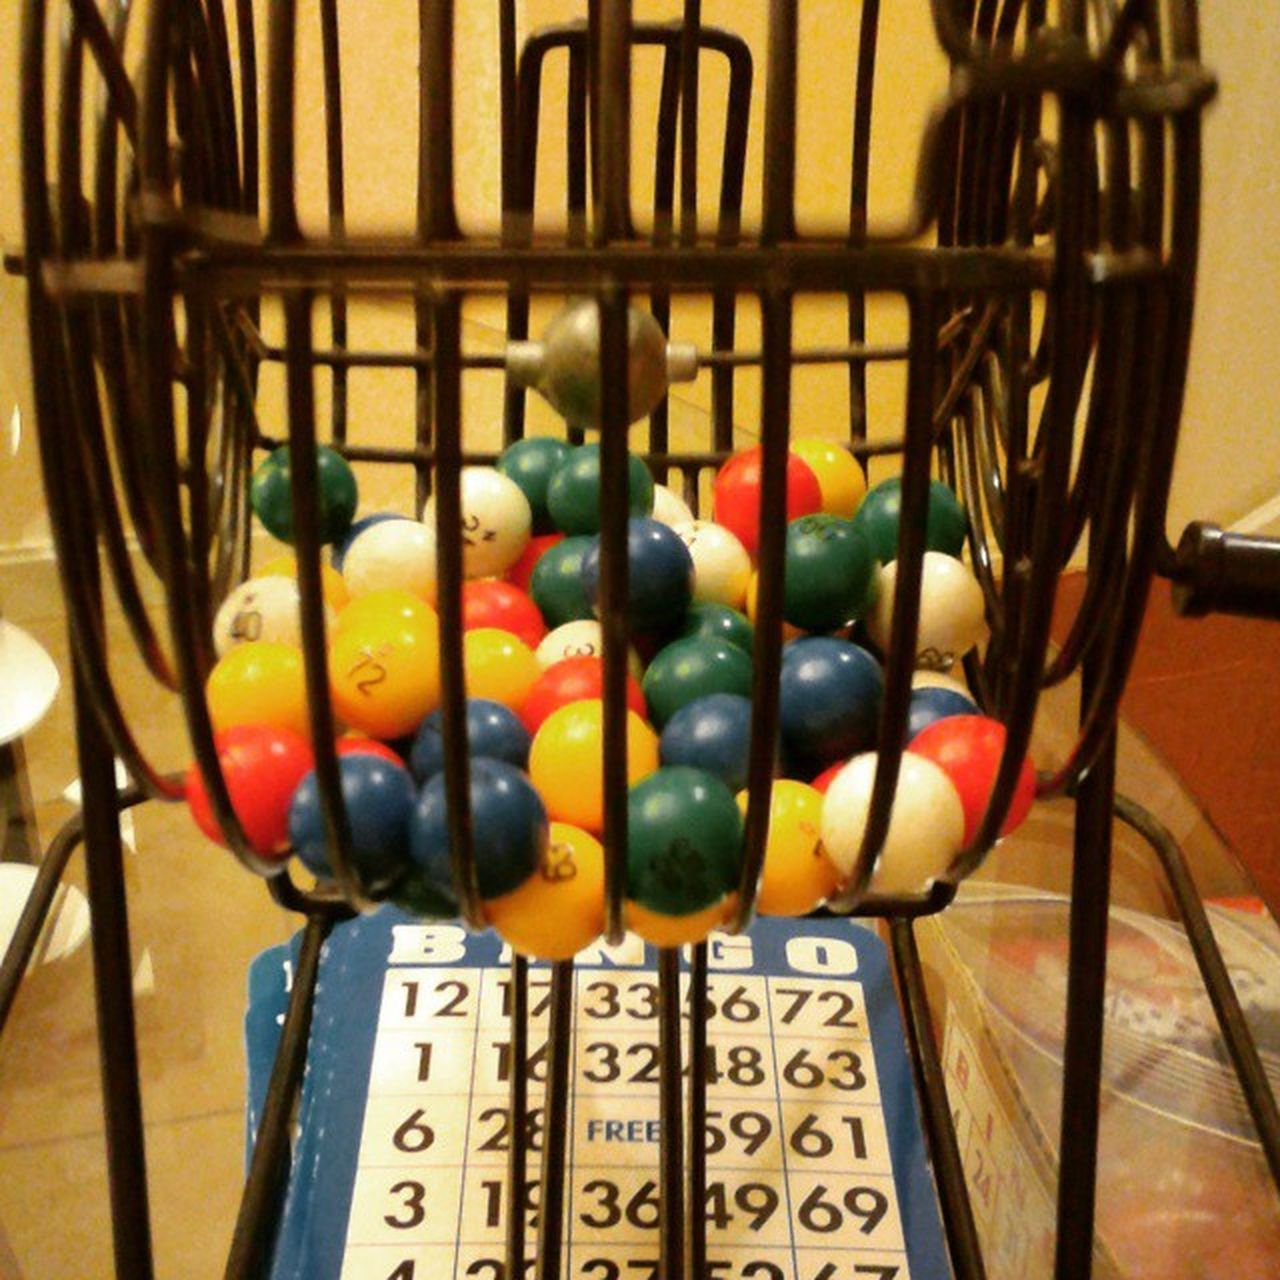 Bingo Lasvegas Grandviewlasvegasresort Fun FamilyFunGames Games Playing Games funwithkids